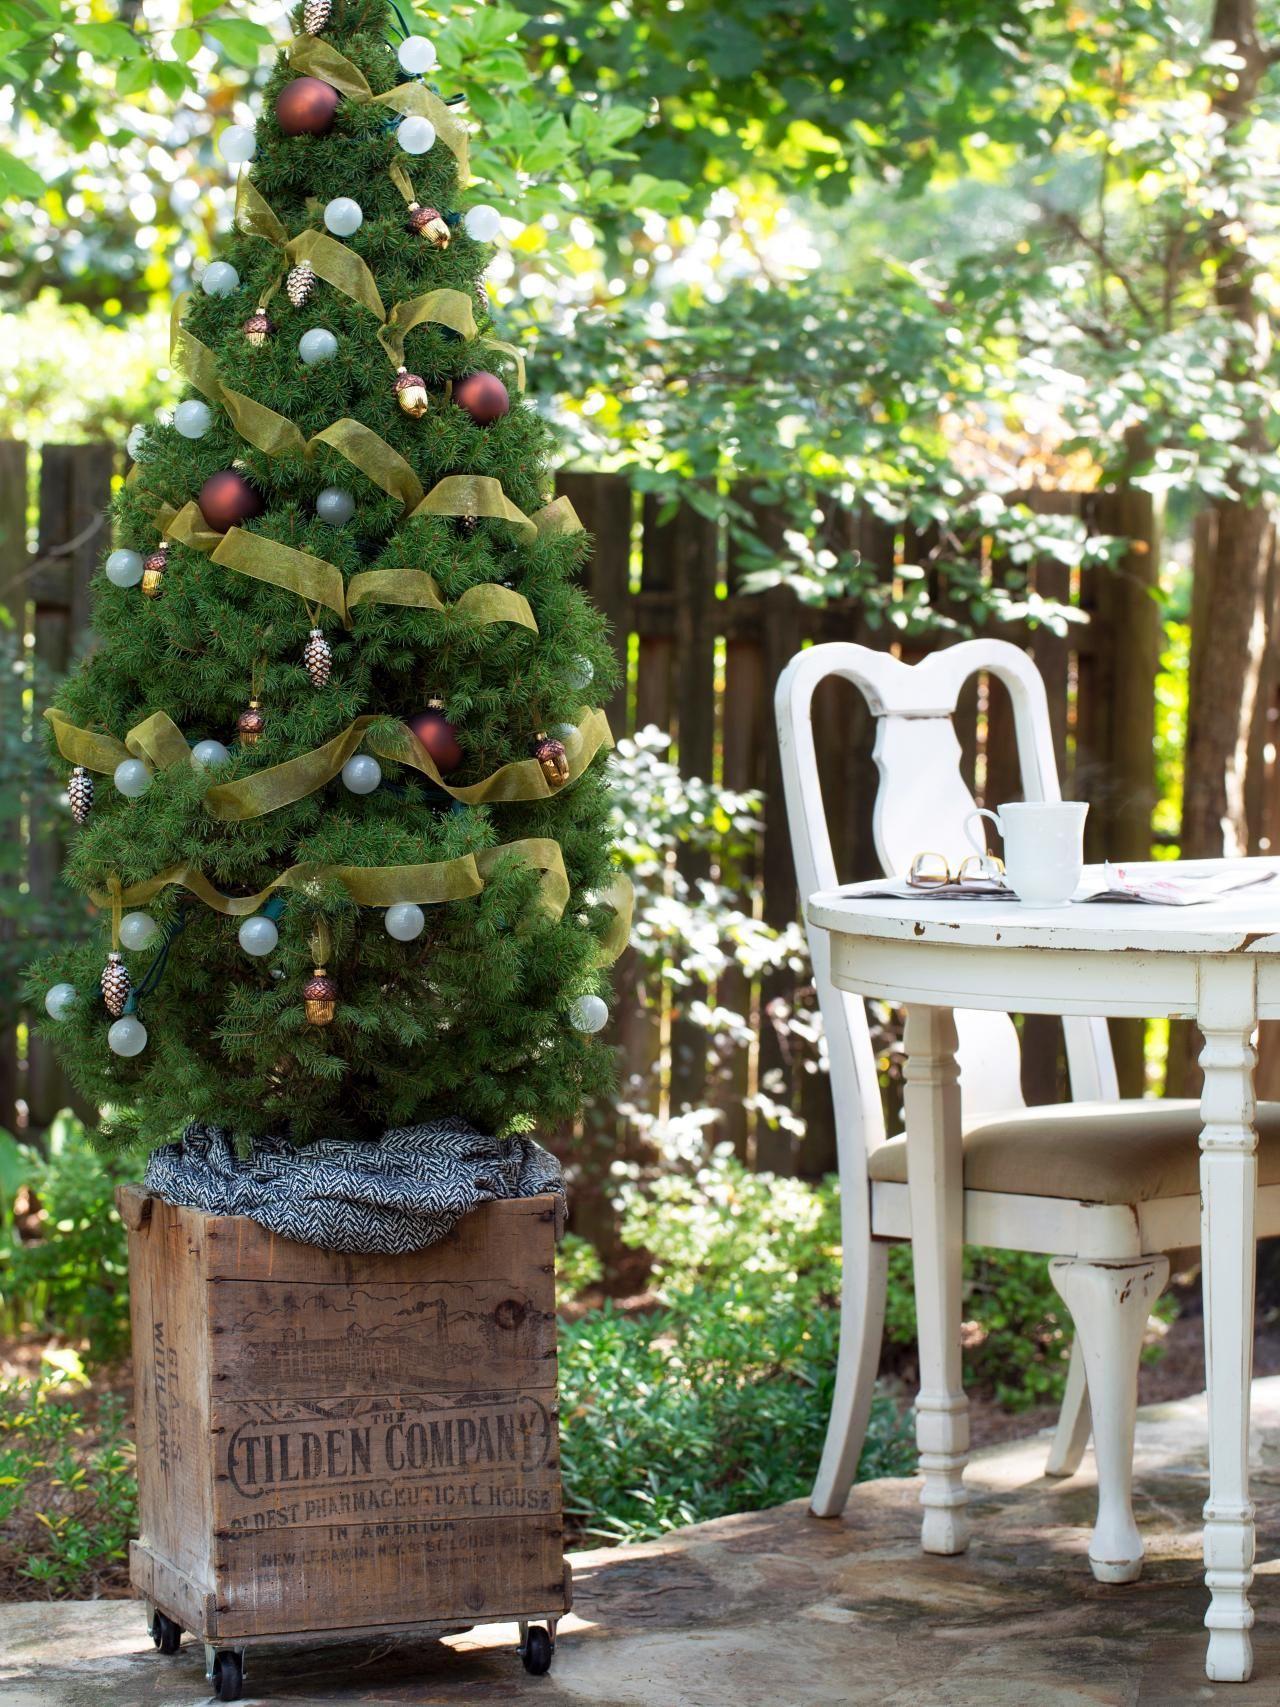 Mobile Christmas Trees | Christmas tree, Crates and Tree skirts